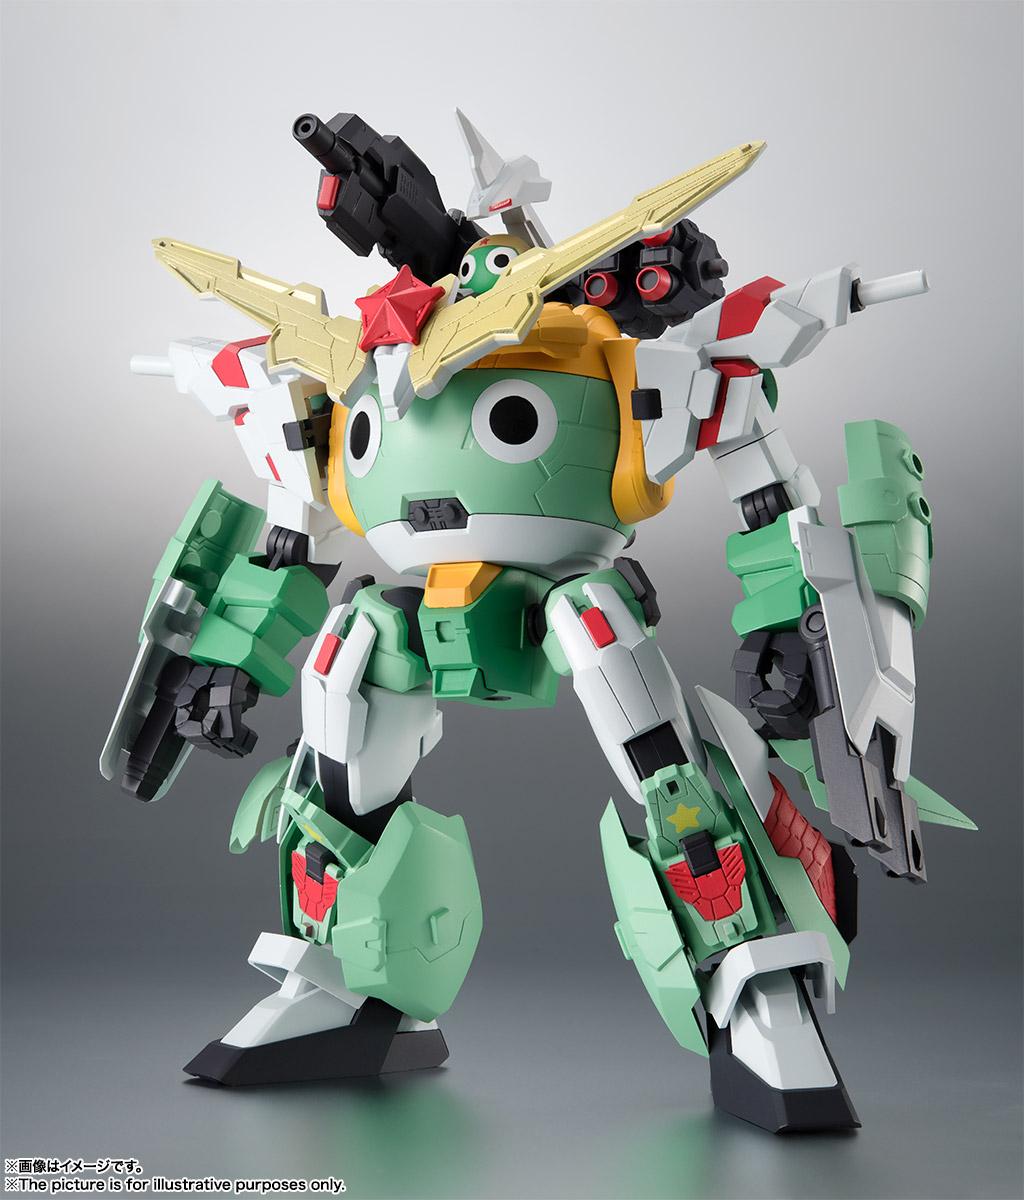 KERORO魂『ケロロロボUC』ケロロ軍曹 可動フィギュア-004